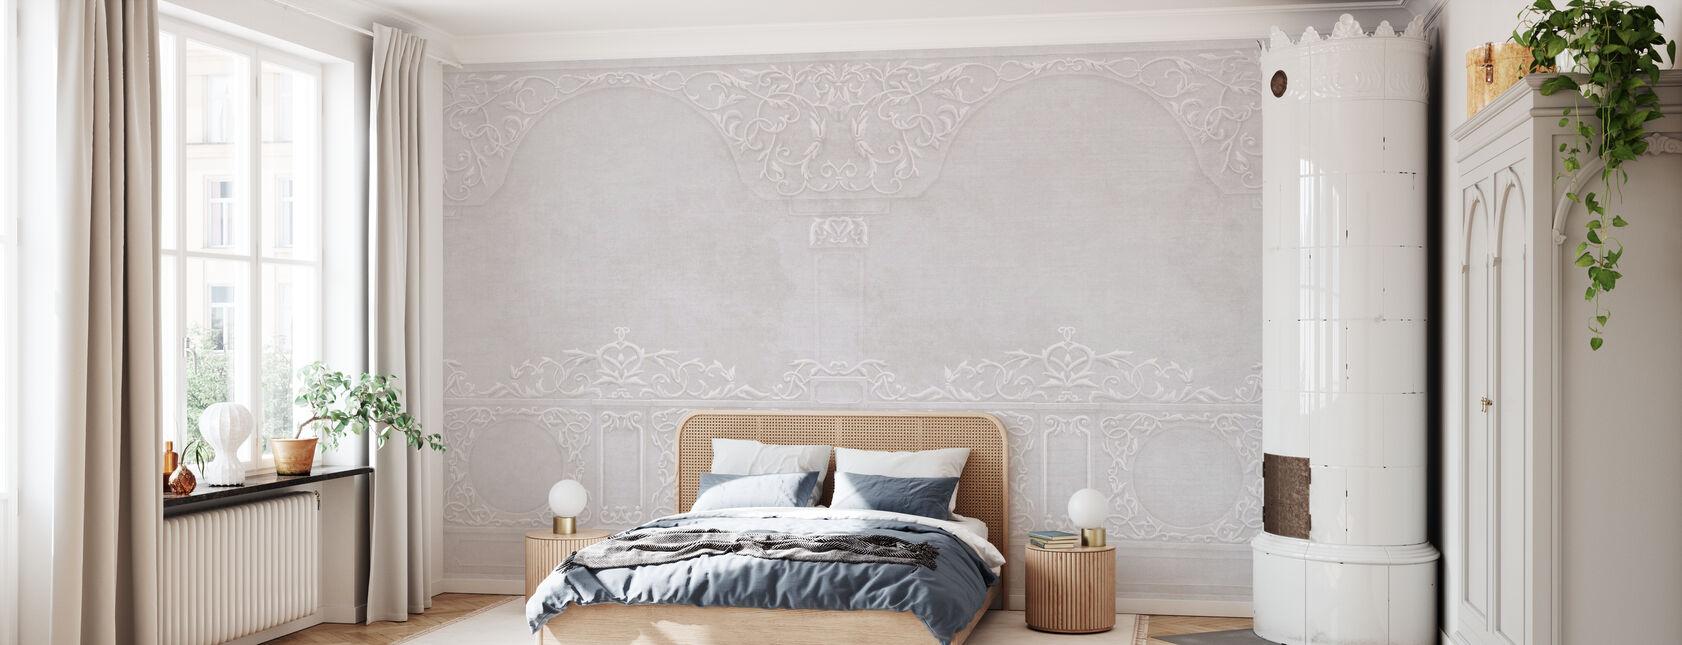 Firenze Stucco Dekorasjon - Ash Pink - Tapet - Soverom